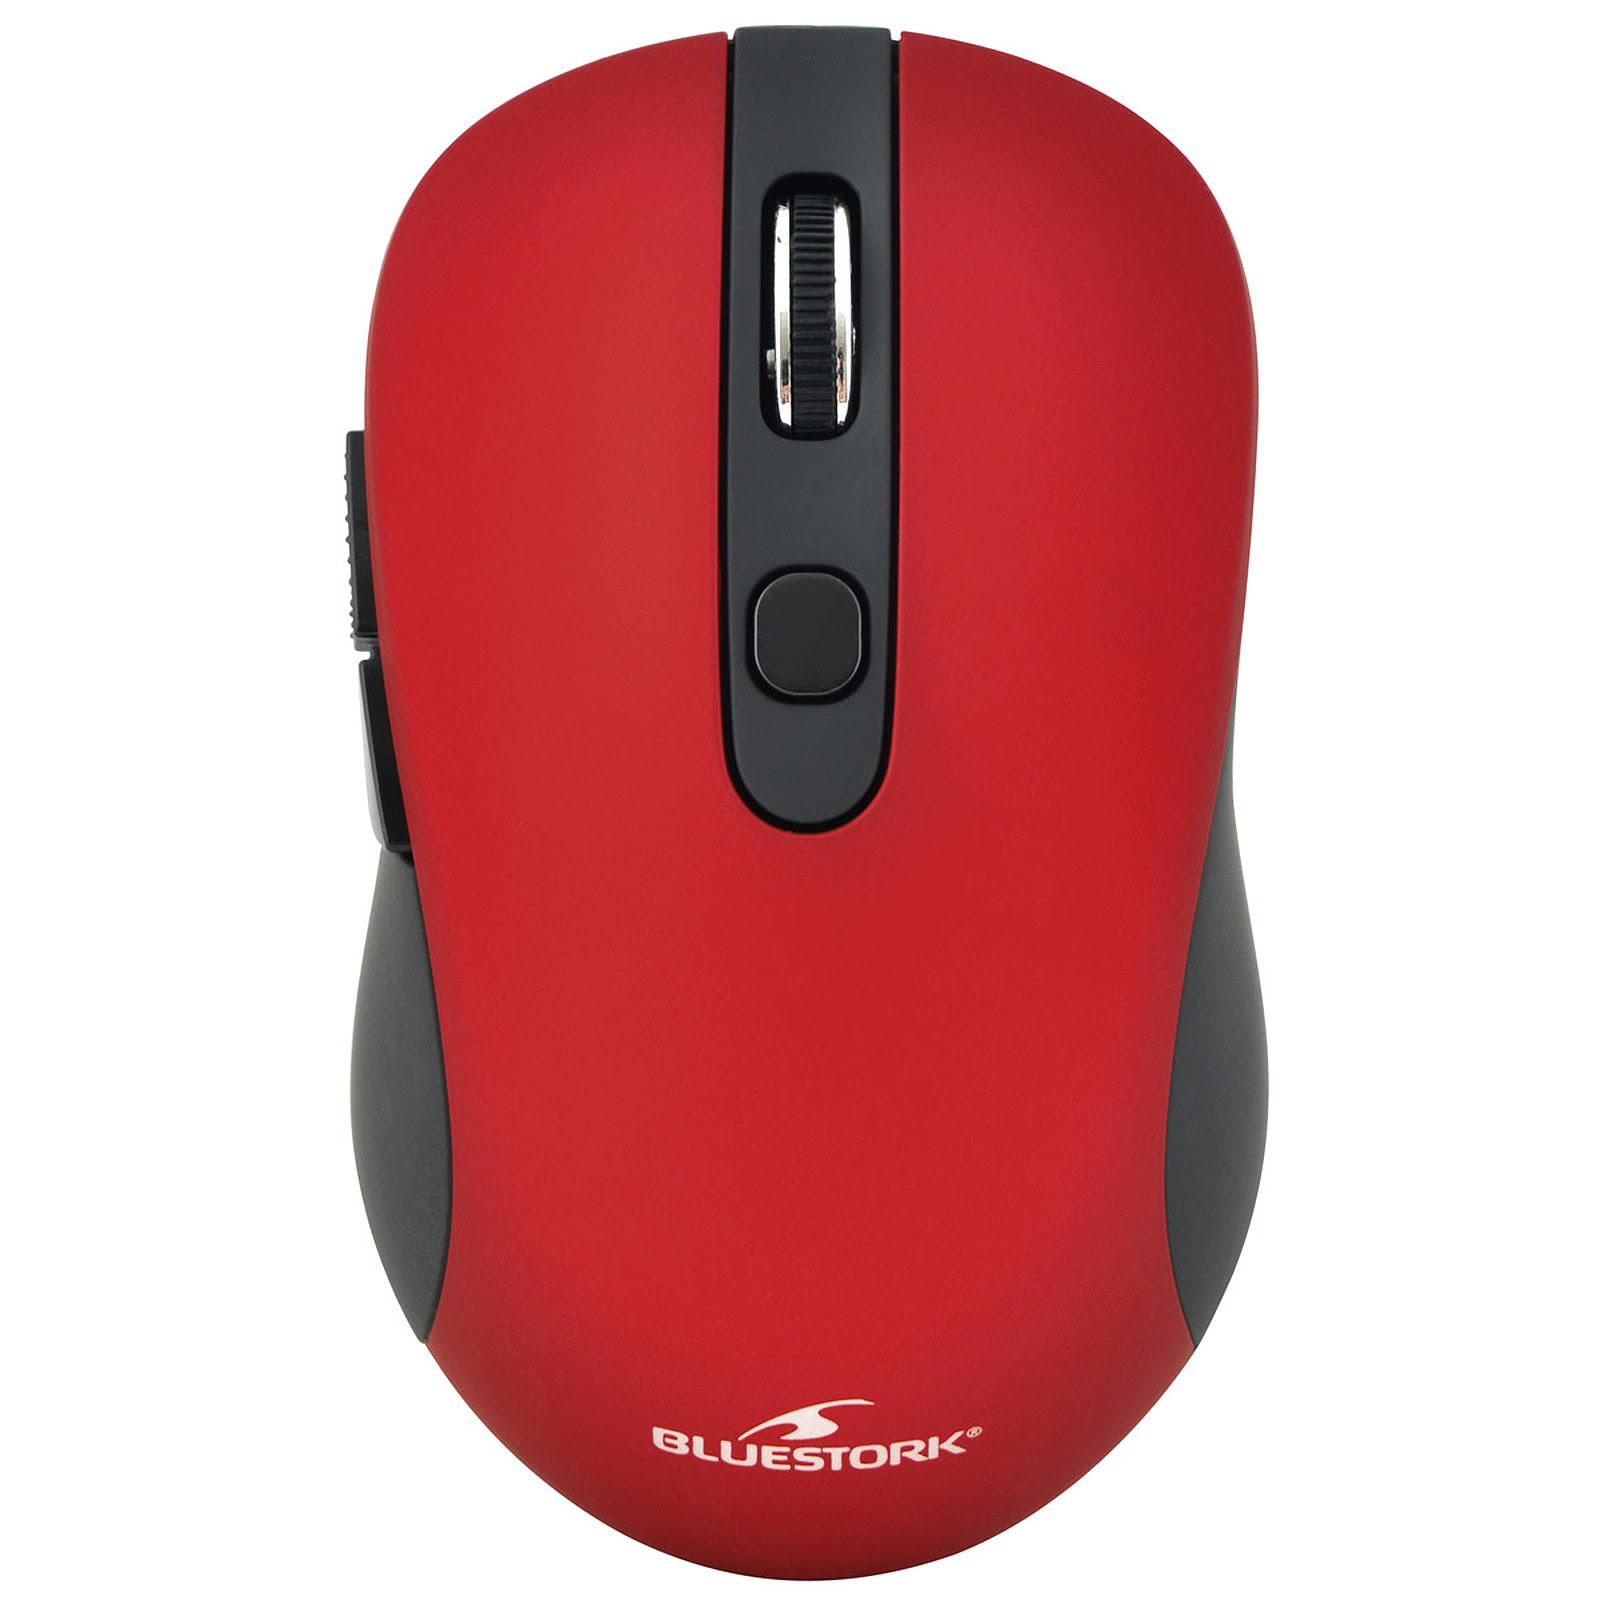 Bluestork M-WL-OFF60-RED - Souris PC Bluestork - Cybertek.fr - 0